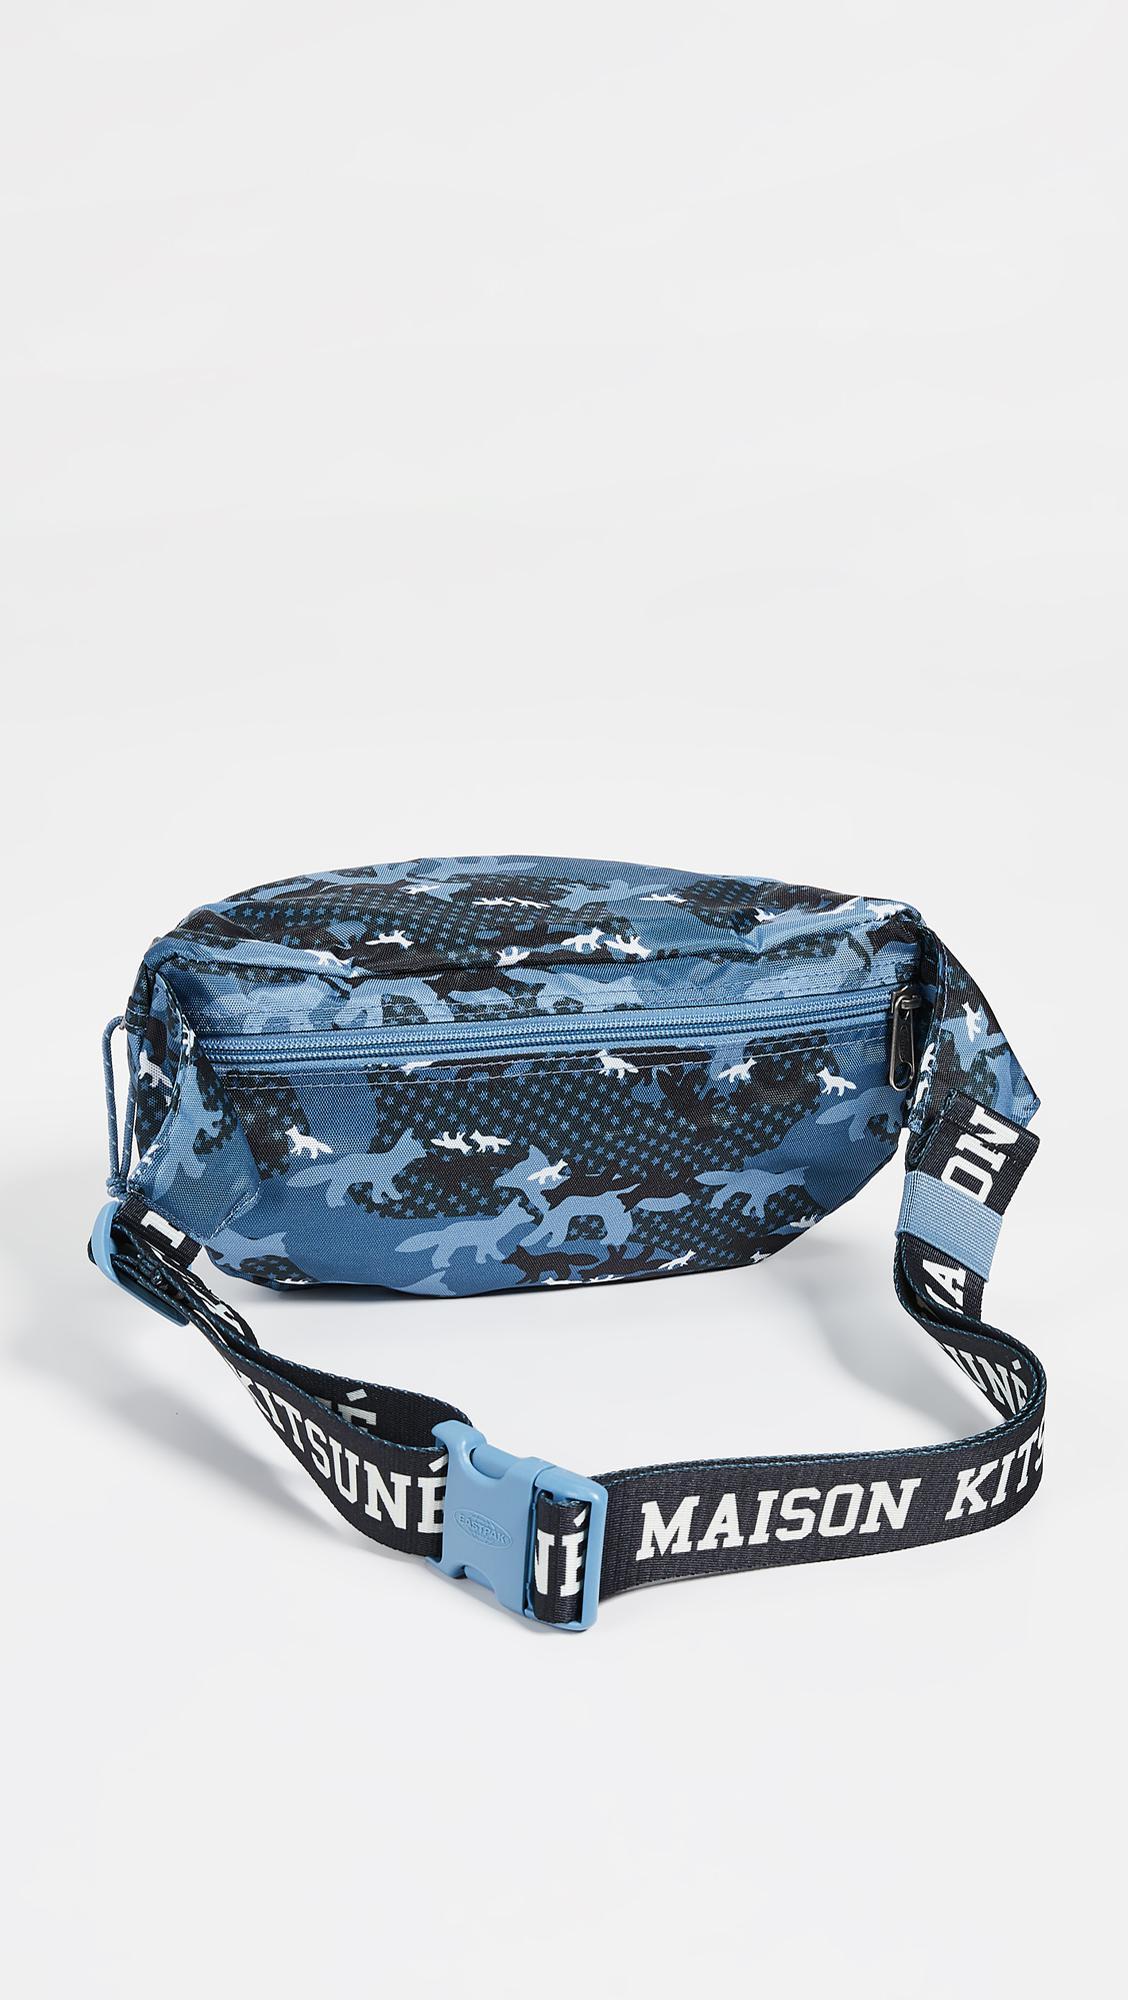 Maison Kitsune Mens x Eastpak Bundel Waist Pack